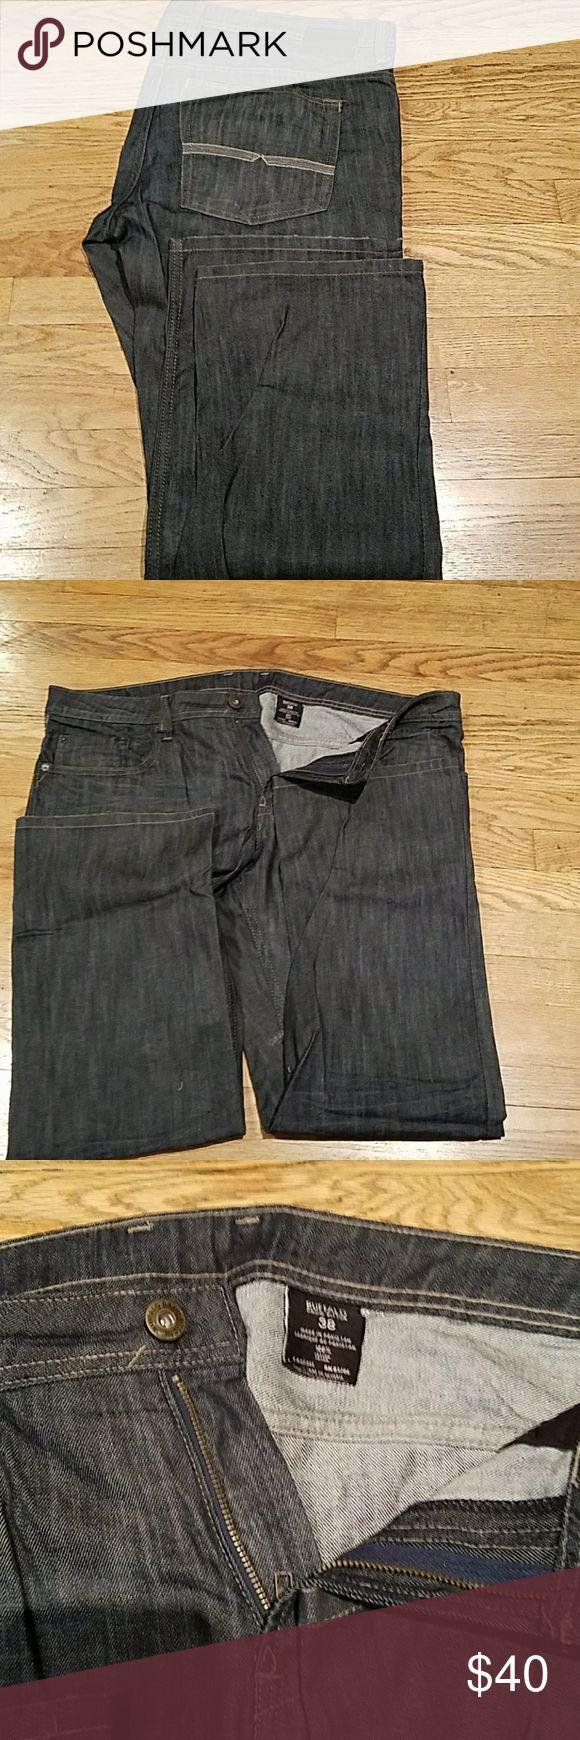 Buffalo David Bitton jeans Buffalo jeans worn only once. Buffalo David Bitton Jeans Straight